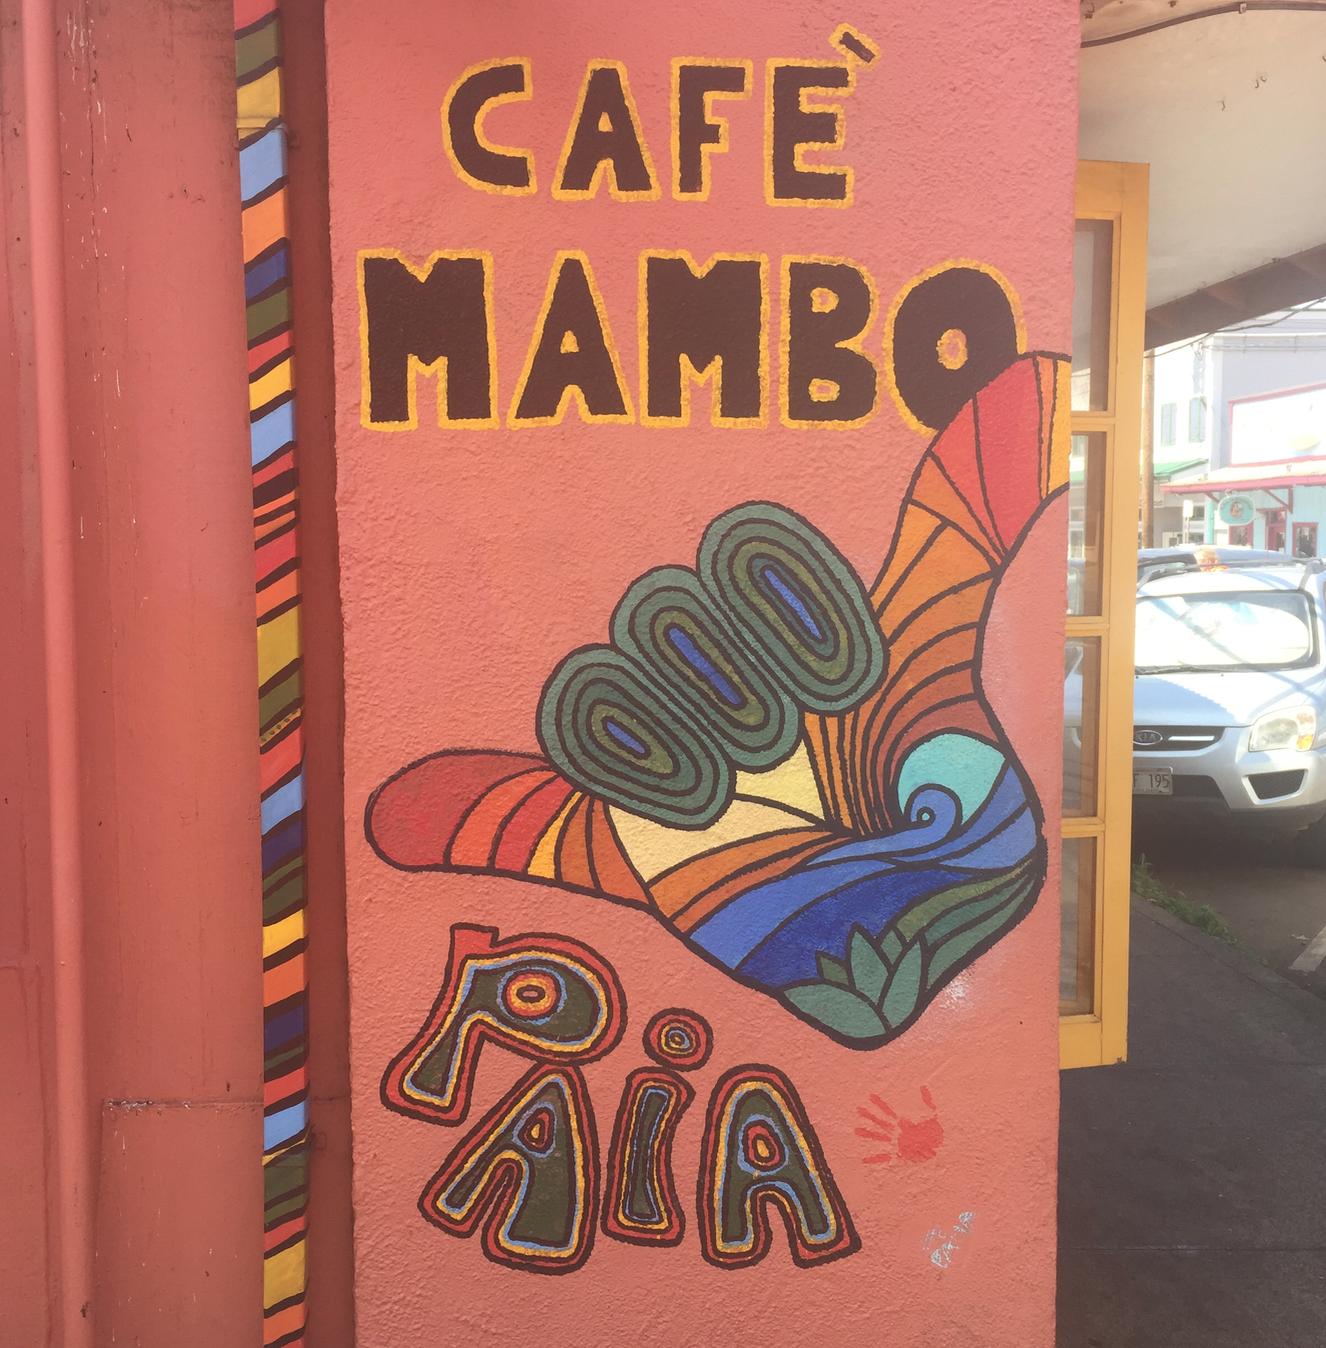 Cafe Mambo - Paia, Maui